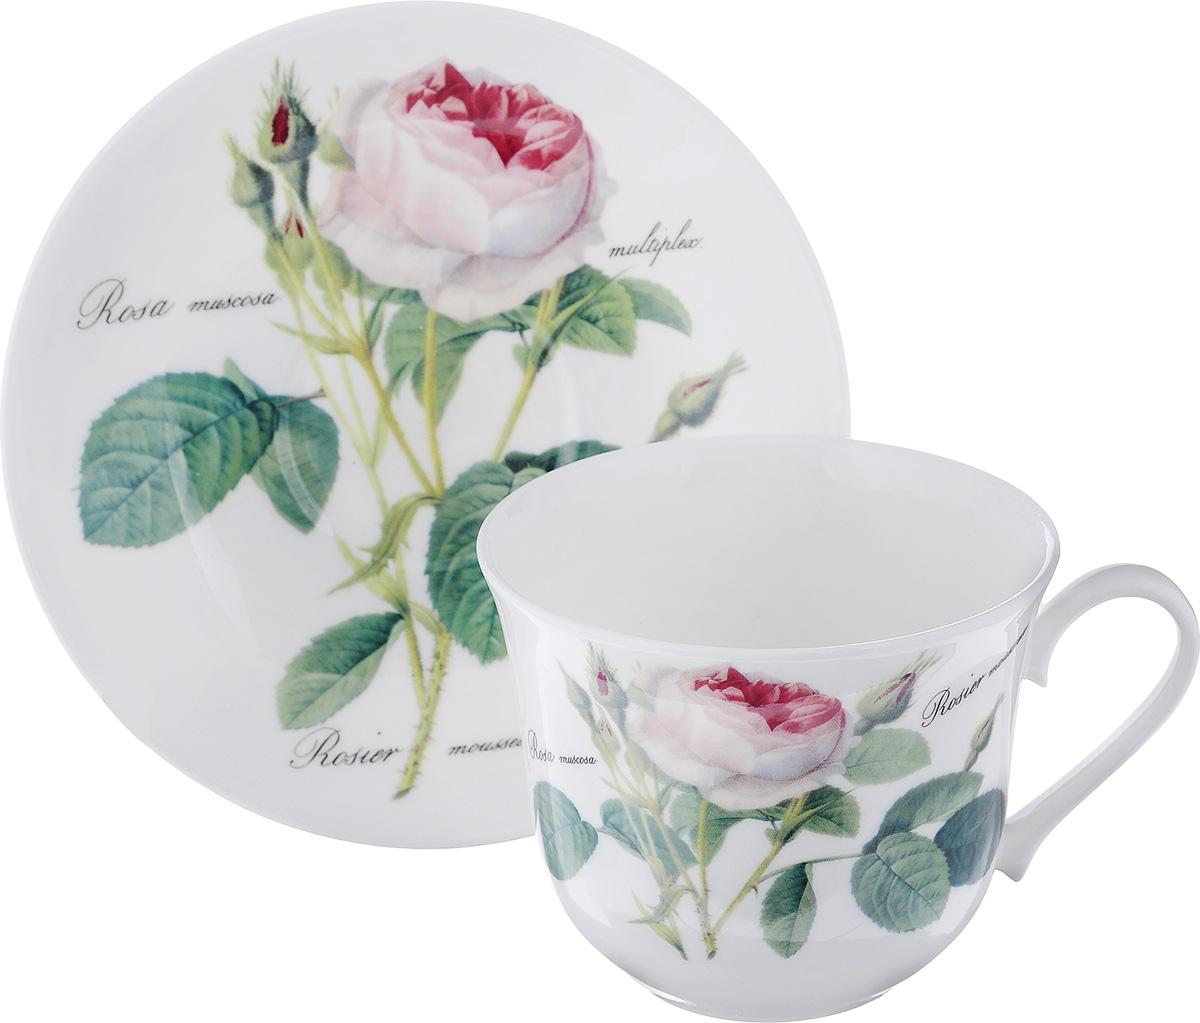 Чайная пара Roy Kirkham Роза редаут, 2 предметаXROSA1100Чайная пара Roy Kirkham Роза редаут состоит из чашки и блюдца, изготовленных из тонкостенного костяного фарфора высшего качества, отличающегося необыкновенной прочностью и небольшим весом. Изделия оформлены изображением розы. Яркий дизайн, несомненно, придется вам по вкусу. Чайная пара Roy Kirkham Роза редаут украсит ваш кухонный стол, а также станет замечательным подарком к любому празднику. Объем чашки: 500 мл. Диаметр чашки по верхнему краю: 10,5 см. Высота чашки: 8,5 см. Диаметр блюдца: 17 см. Высота блюдца: 3 см.